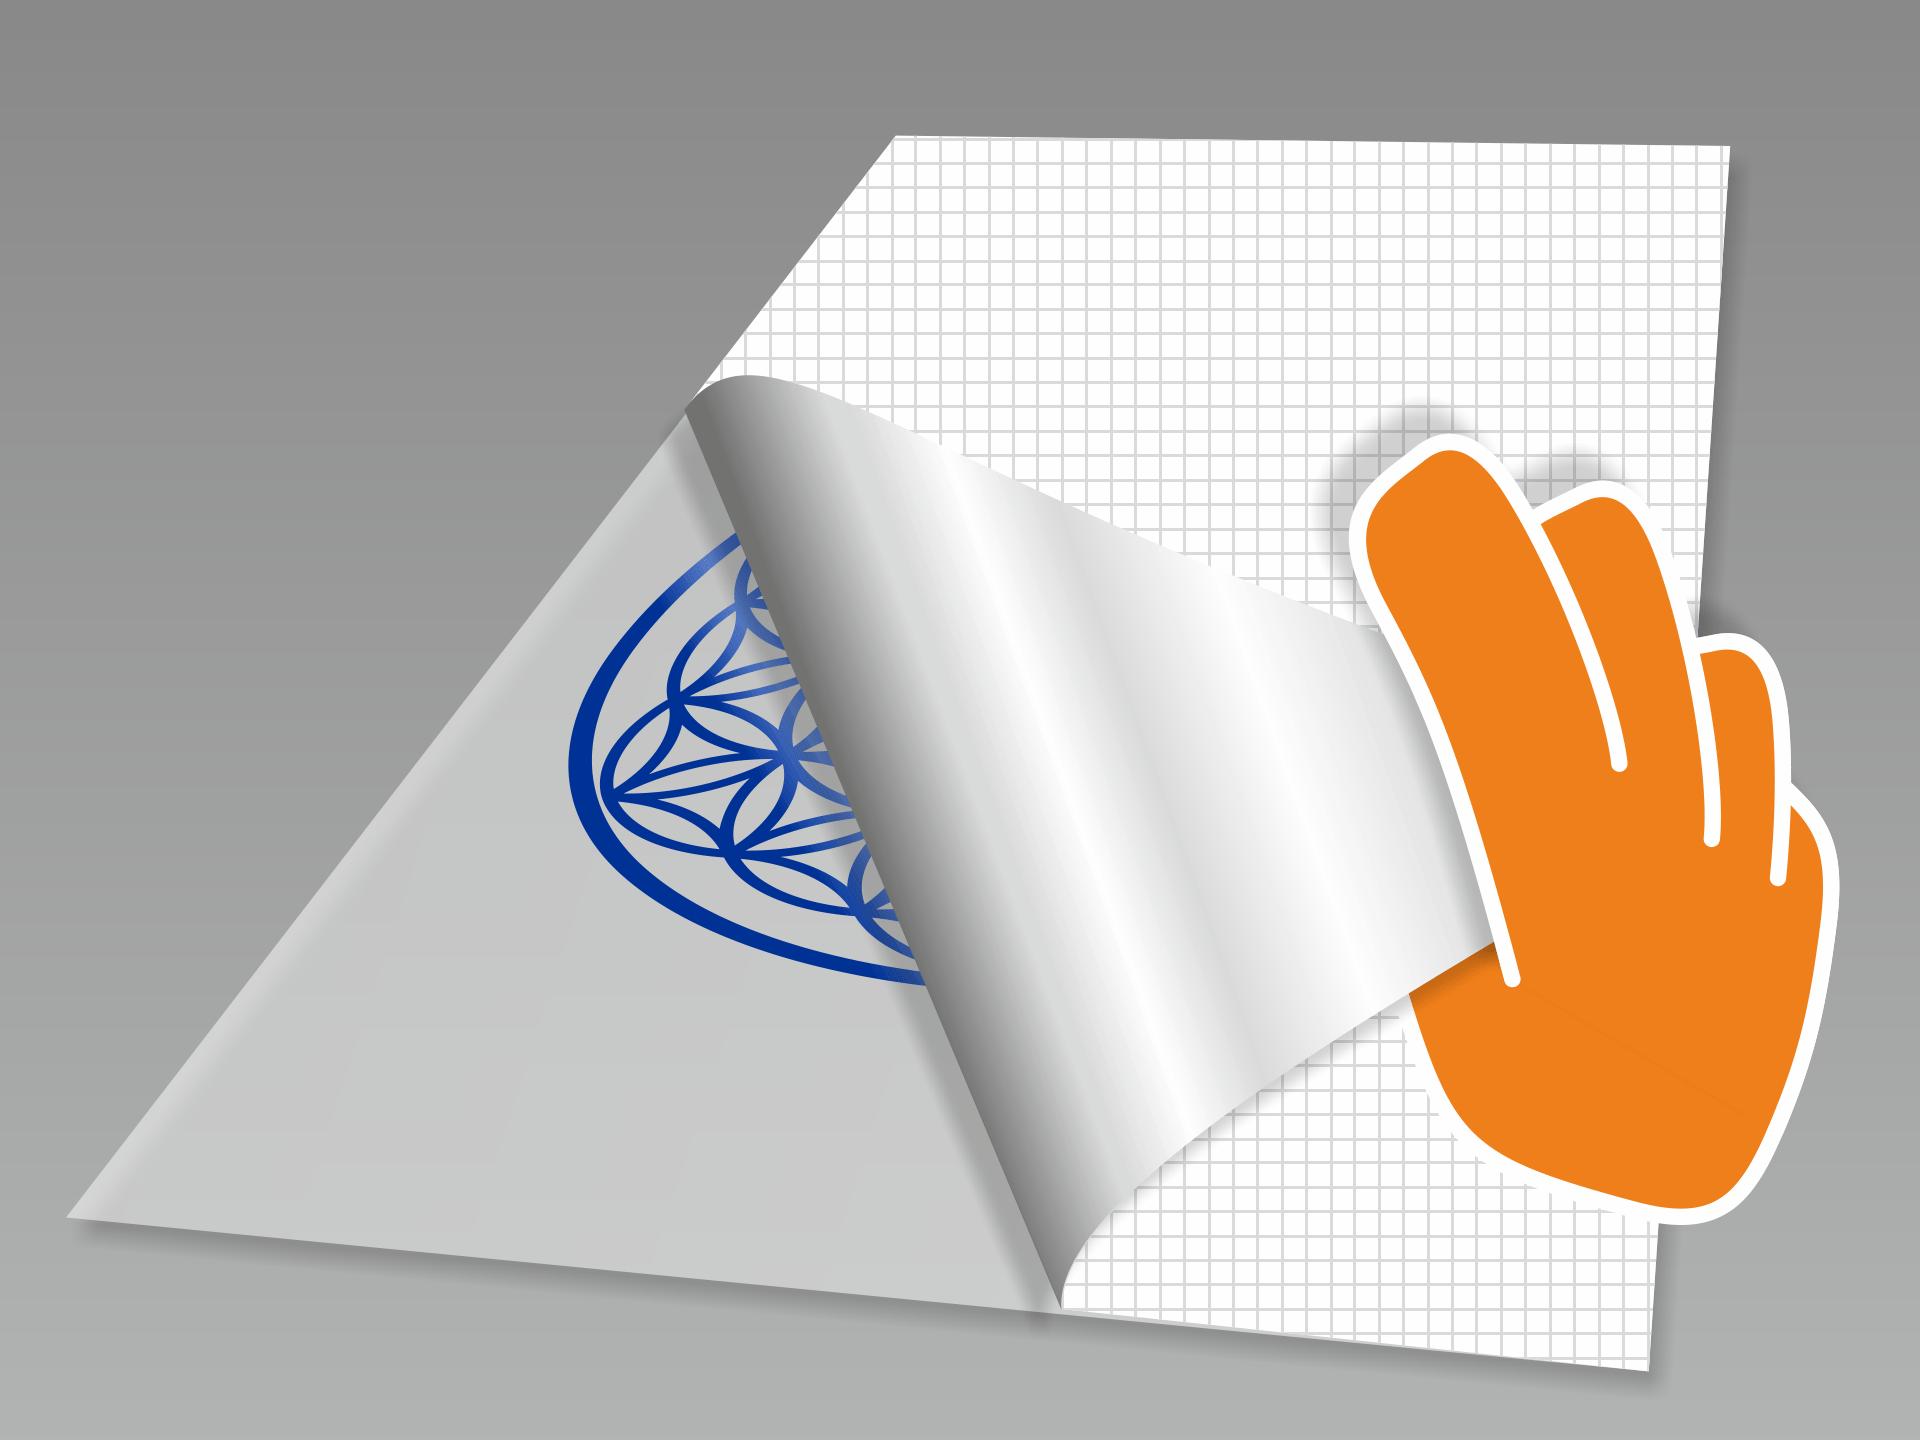 Wanddesign abnehmen und mit dem Motiv nach unten auf einen glatten Untergrund legen. Nun das rückseitige Trägerpapier in flachem Winkel vorsichtig komplett abziehen.